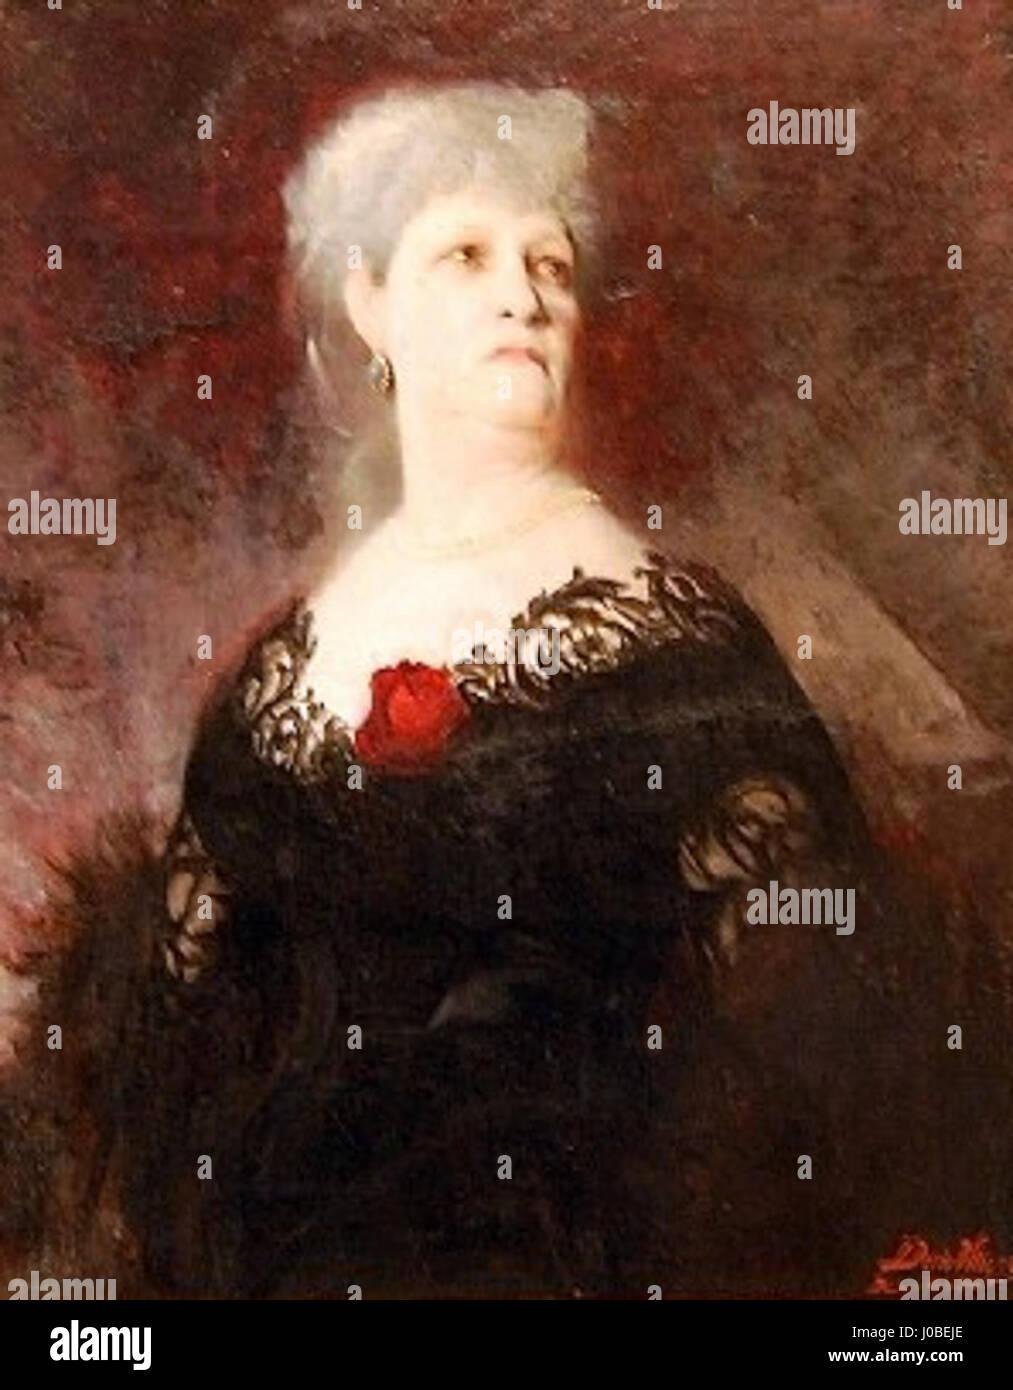 Décio Villares - Retrato de senhora, 1885 Foto de stock